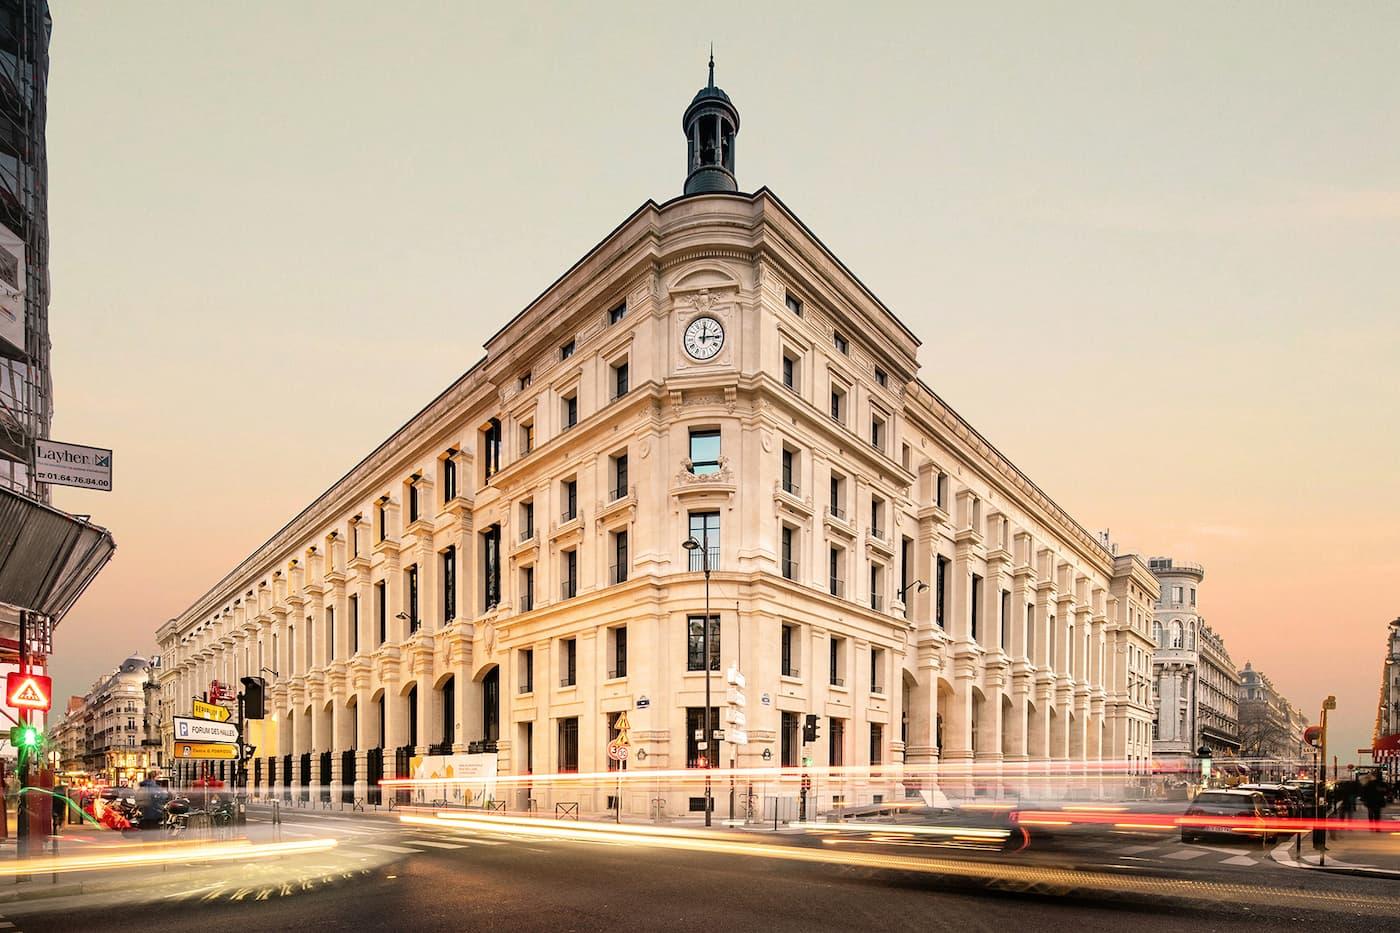 El nuevo hotel que estará en el edificio de la antigua oficina de correos del Louvre ya tiene fecha de apertura